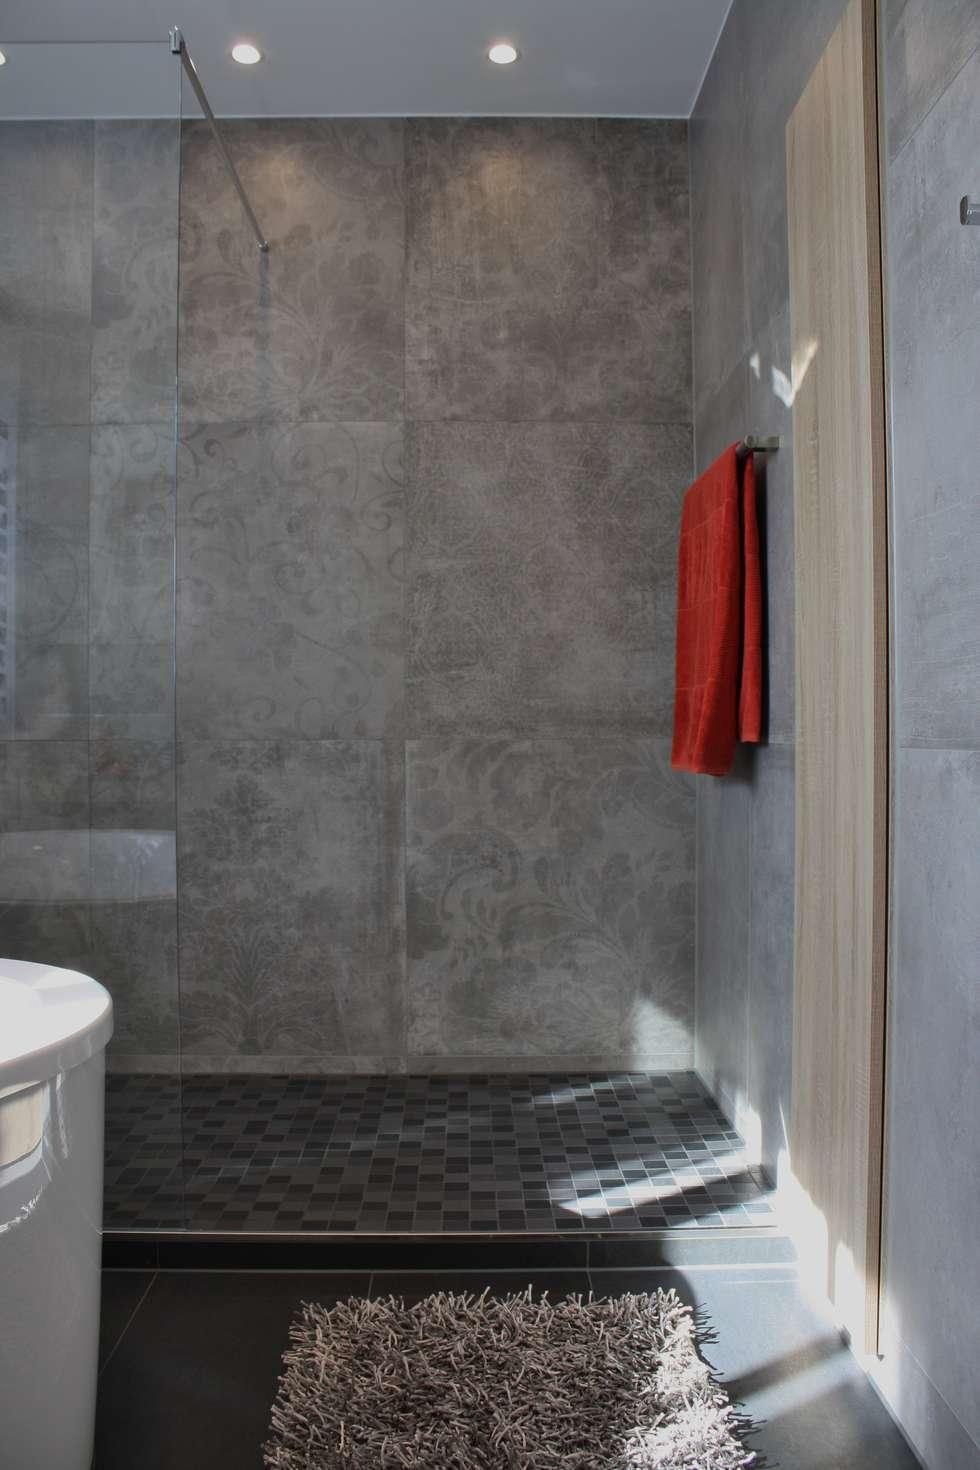 Geräumige dusche: moderne badezimmer von ludwig steup gmbh | homify